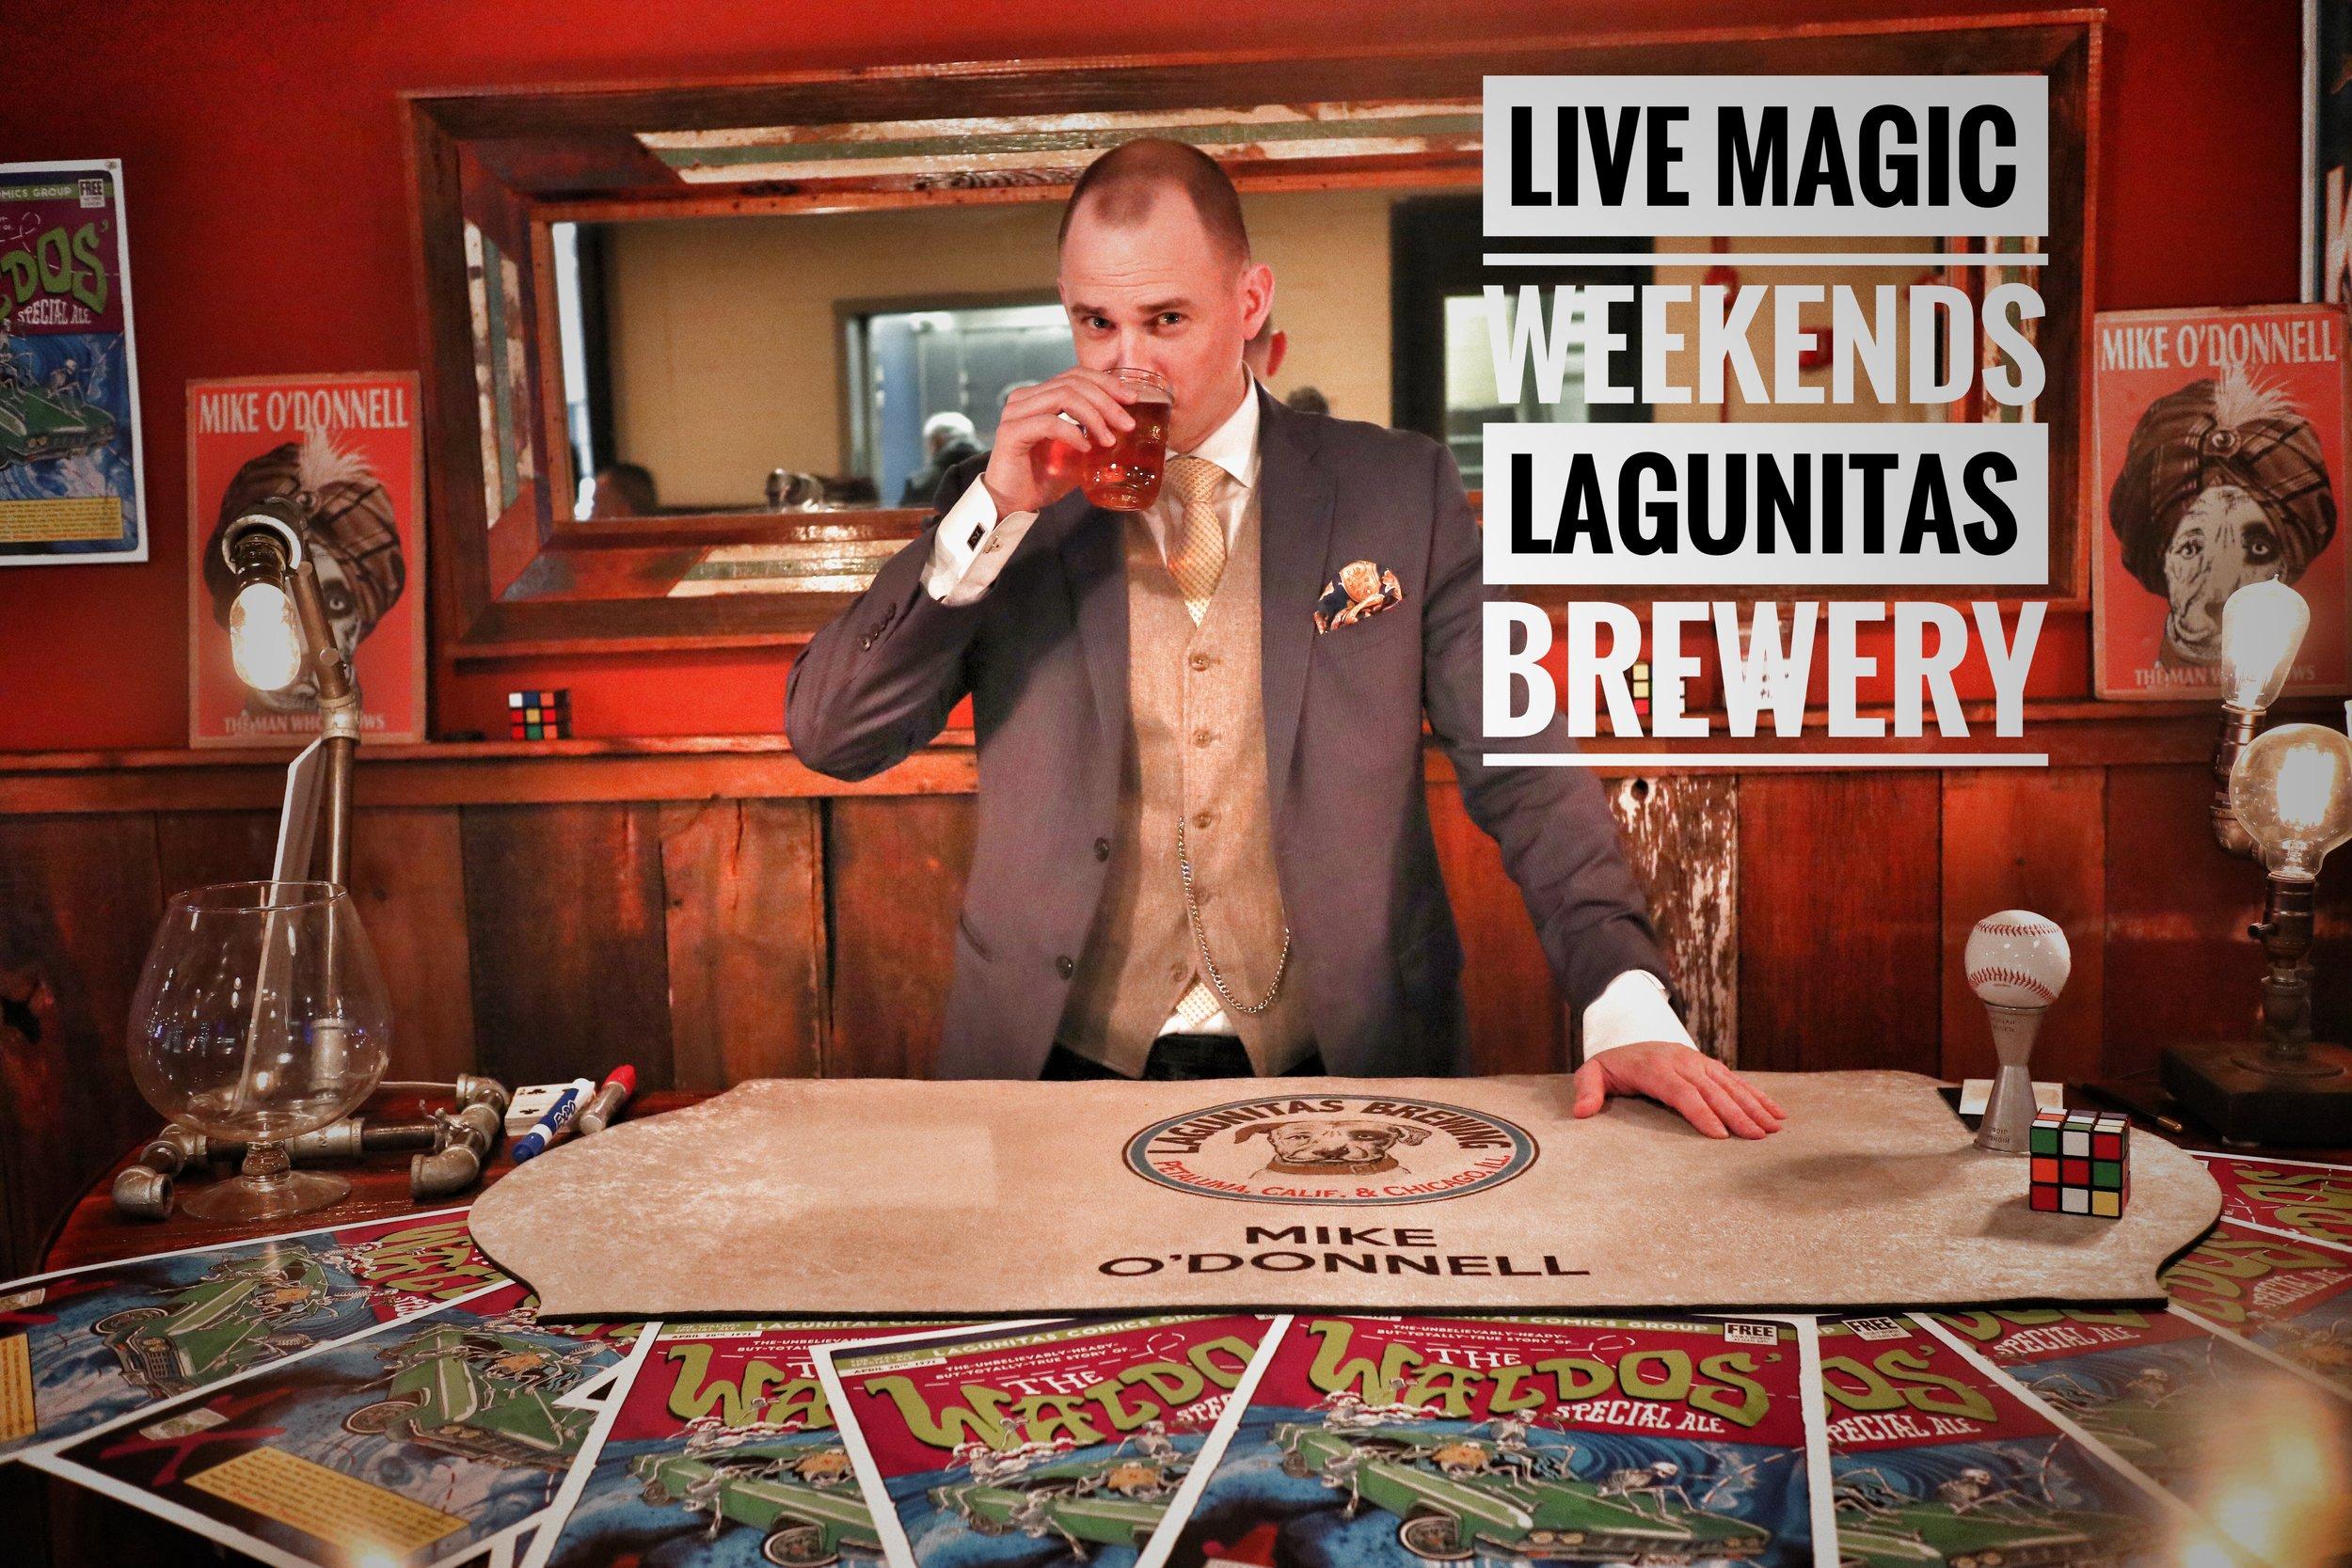 Lagunitas magician